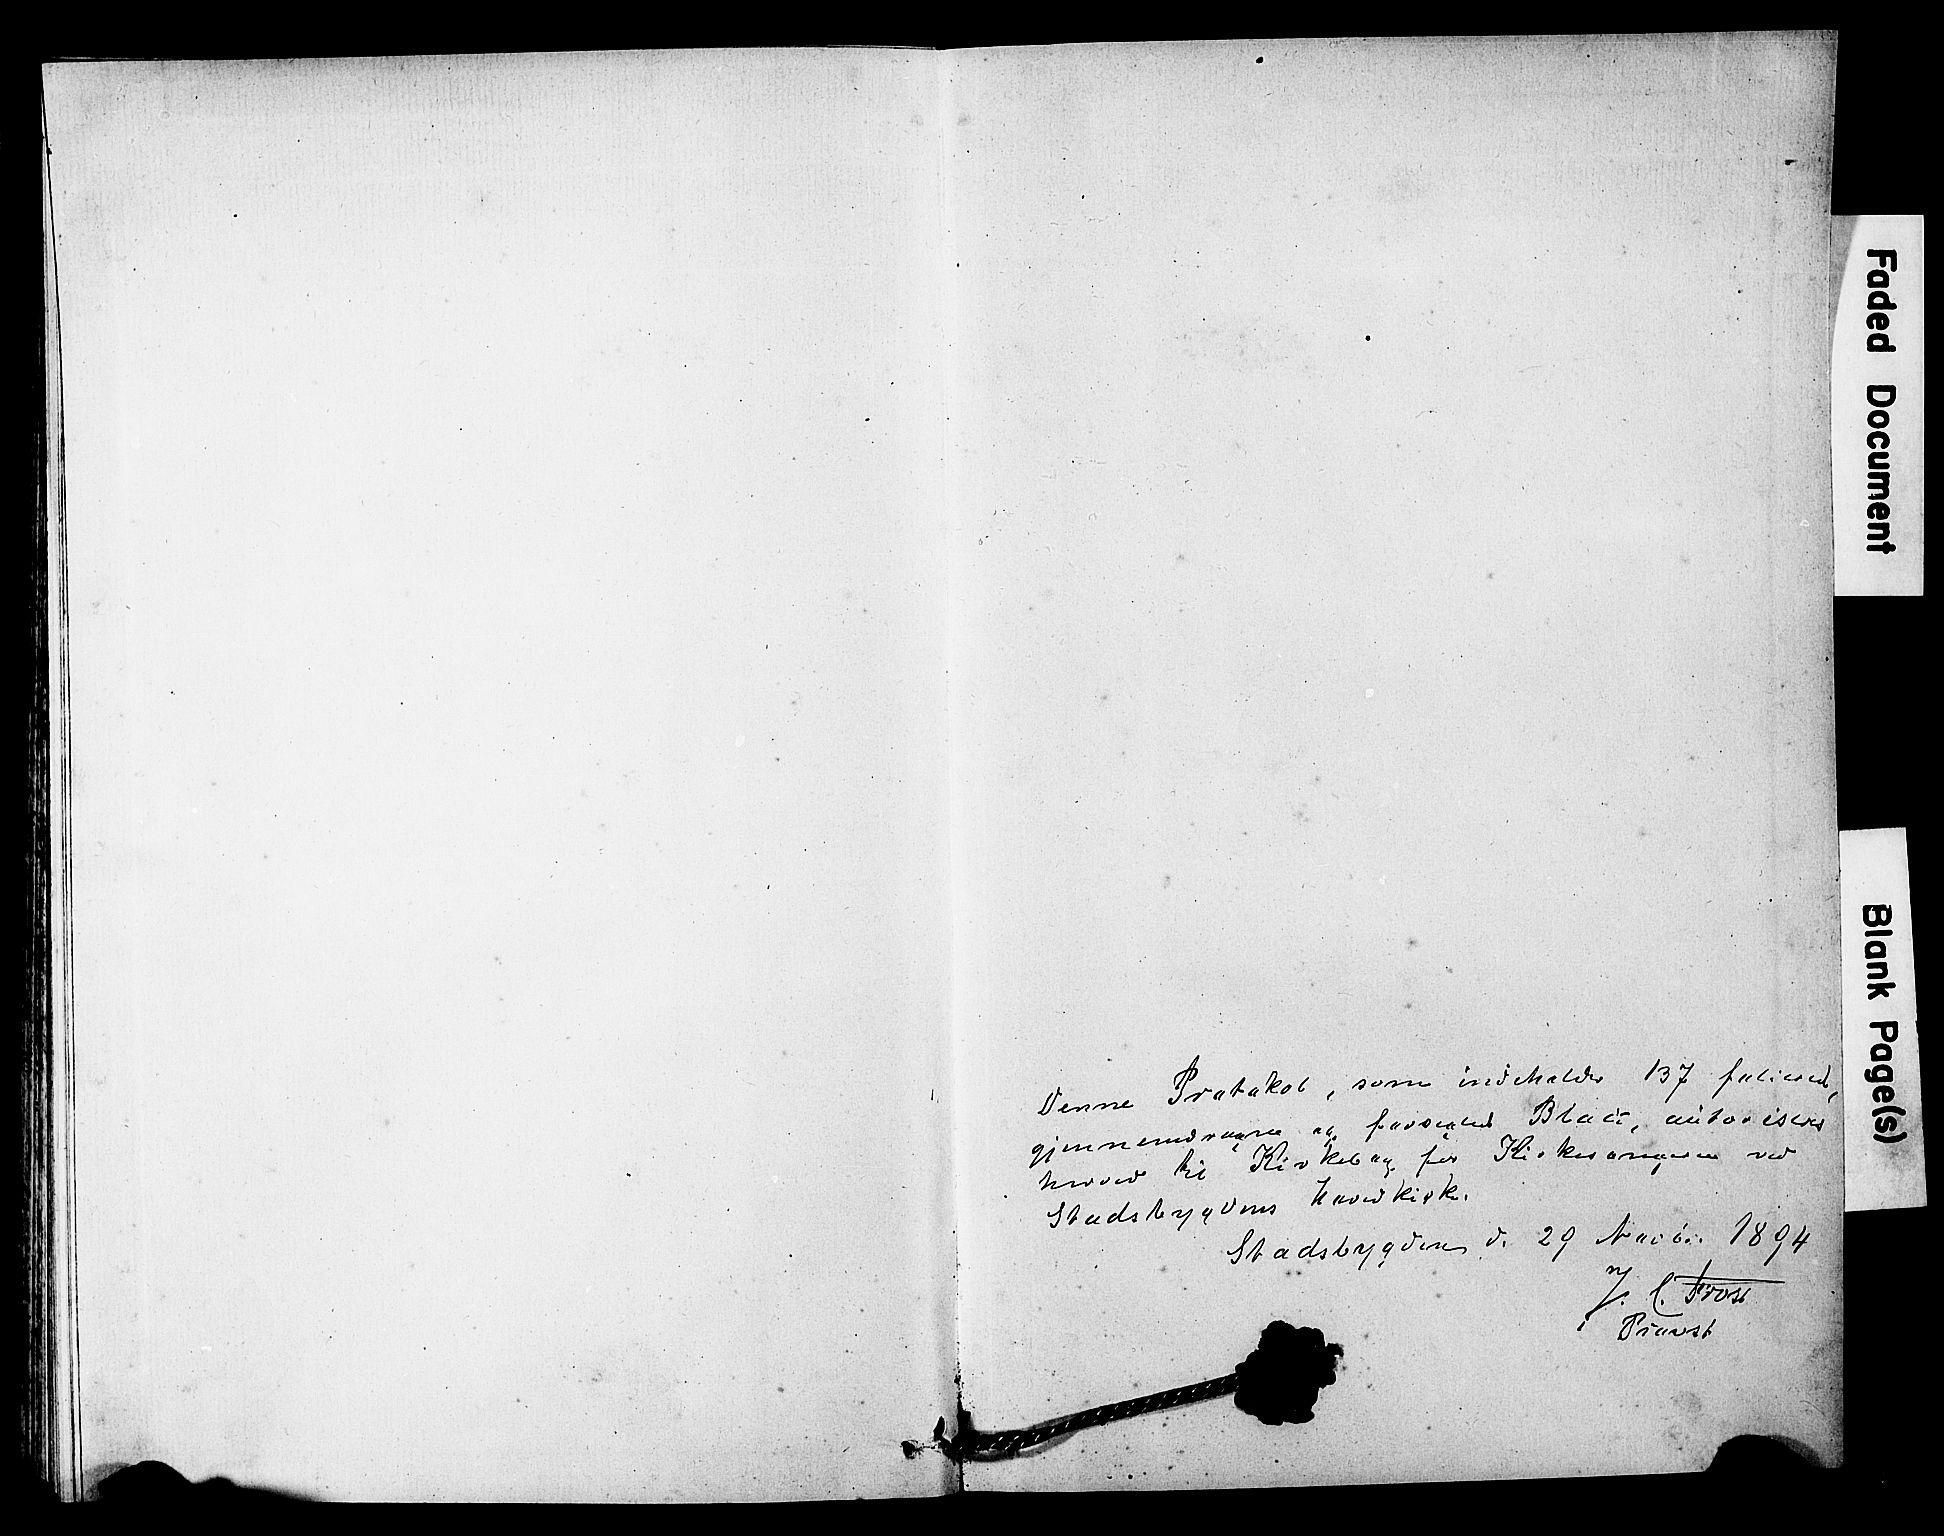 SAT, Ministerialprotokoller, klokkerbøker og fødselsregistre - Sør-Trøndelag, 646/L0628: Klokkerbok nr. 646C01, 1880-1903